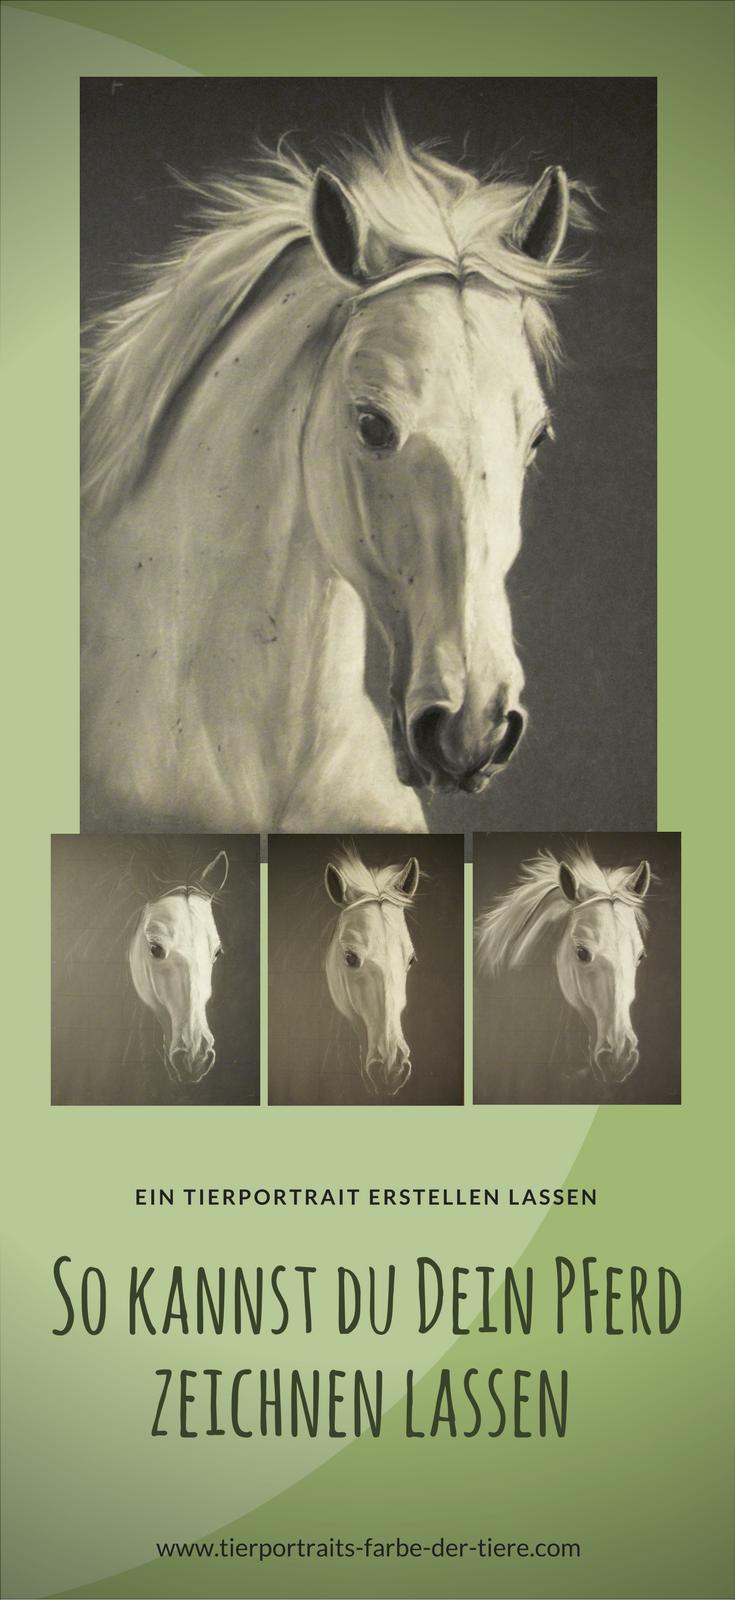 Tierportraits im Auftrag zeichnen lassen | Pferd nach Fotovorlage ...